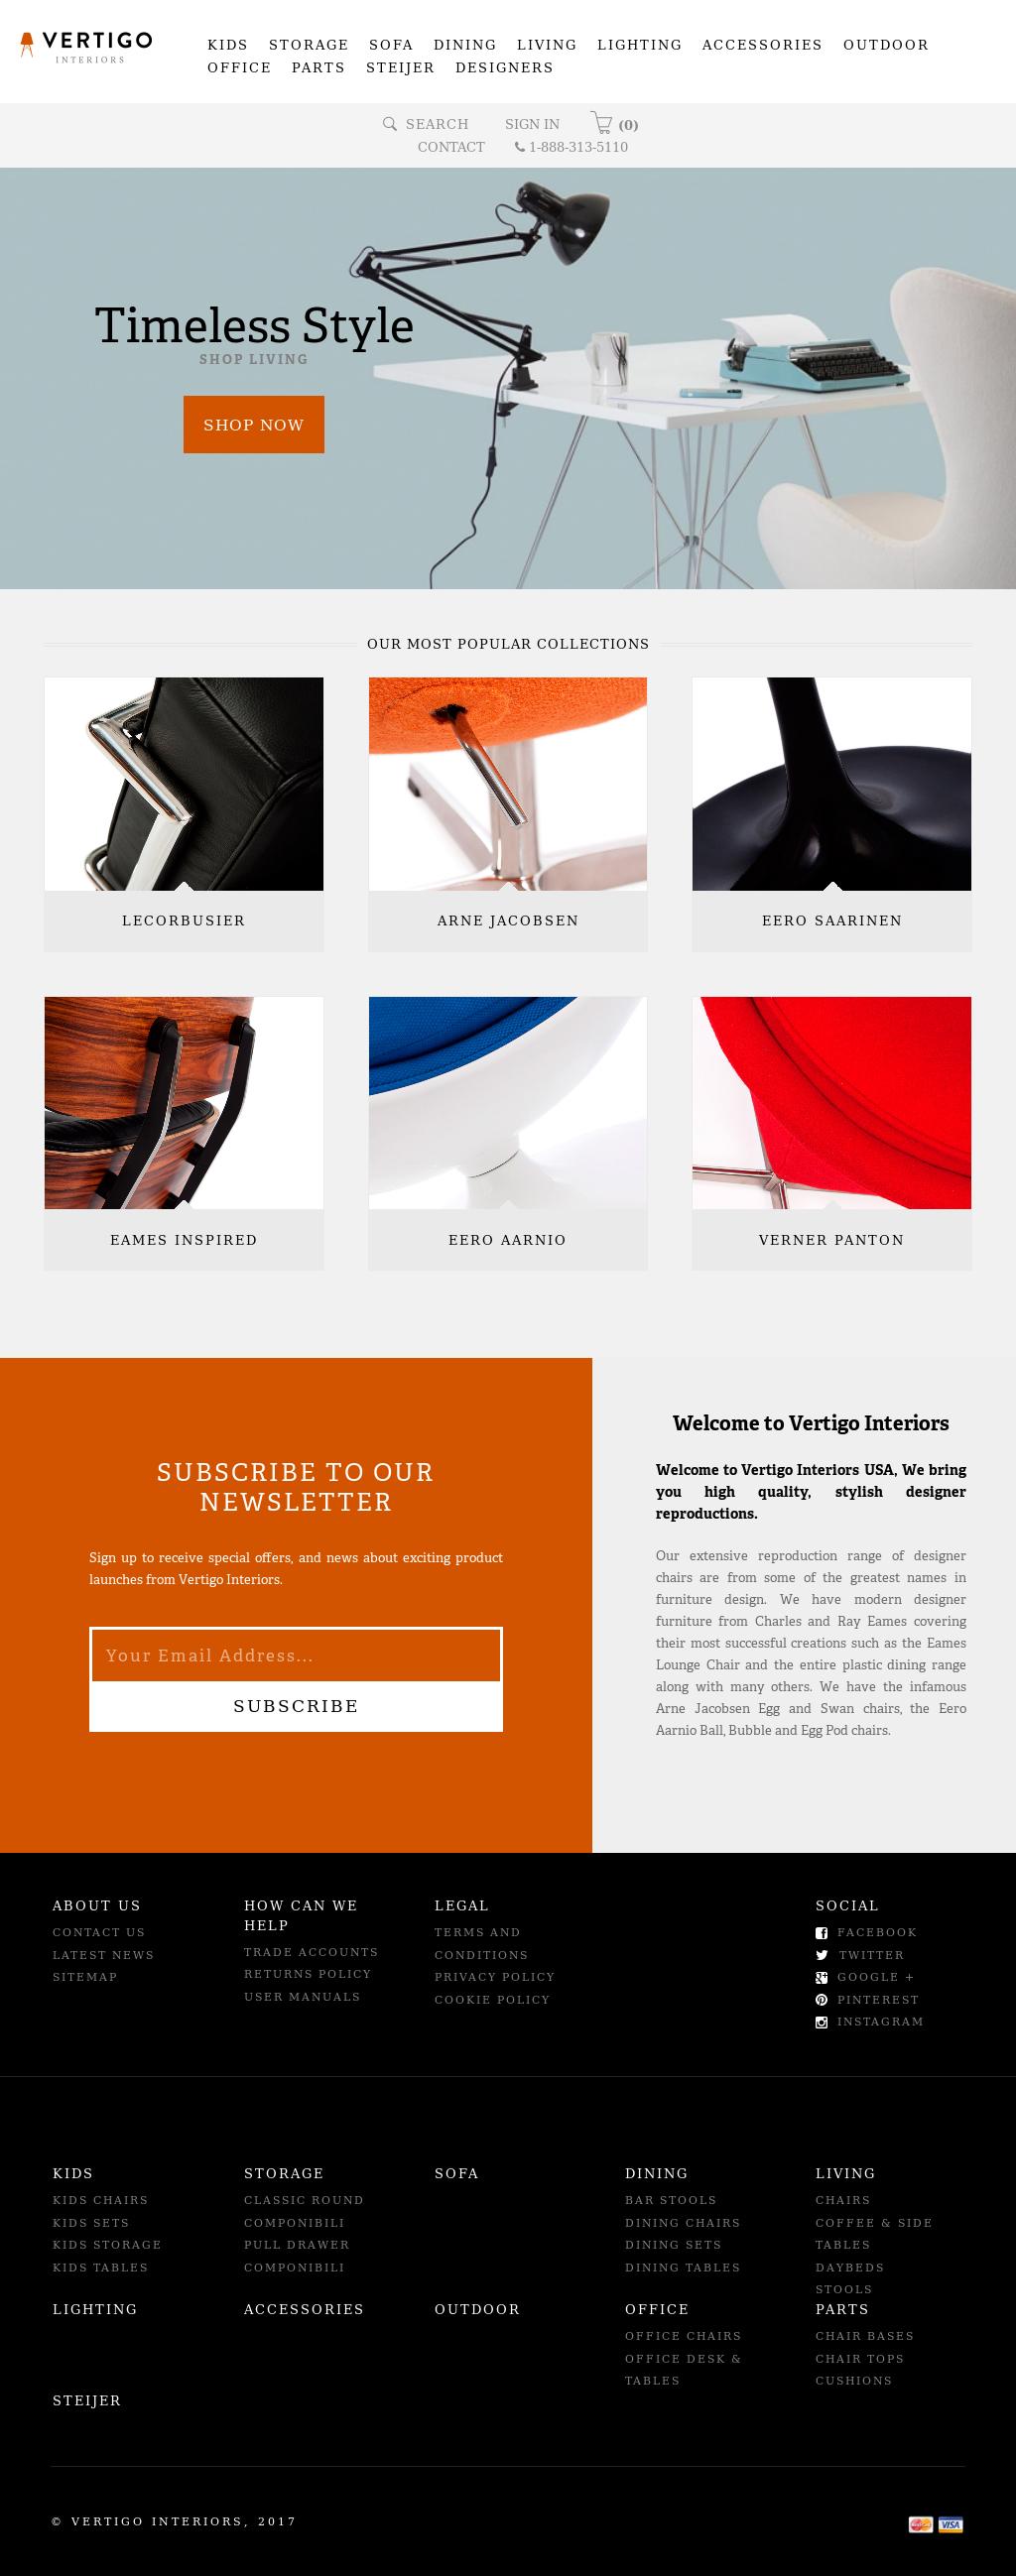 Vertigo Interiors Usa Website History